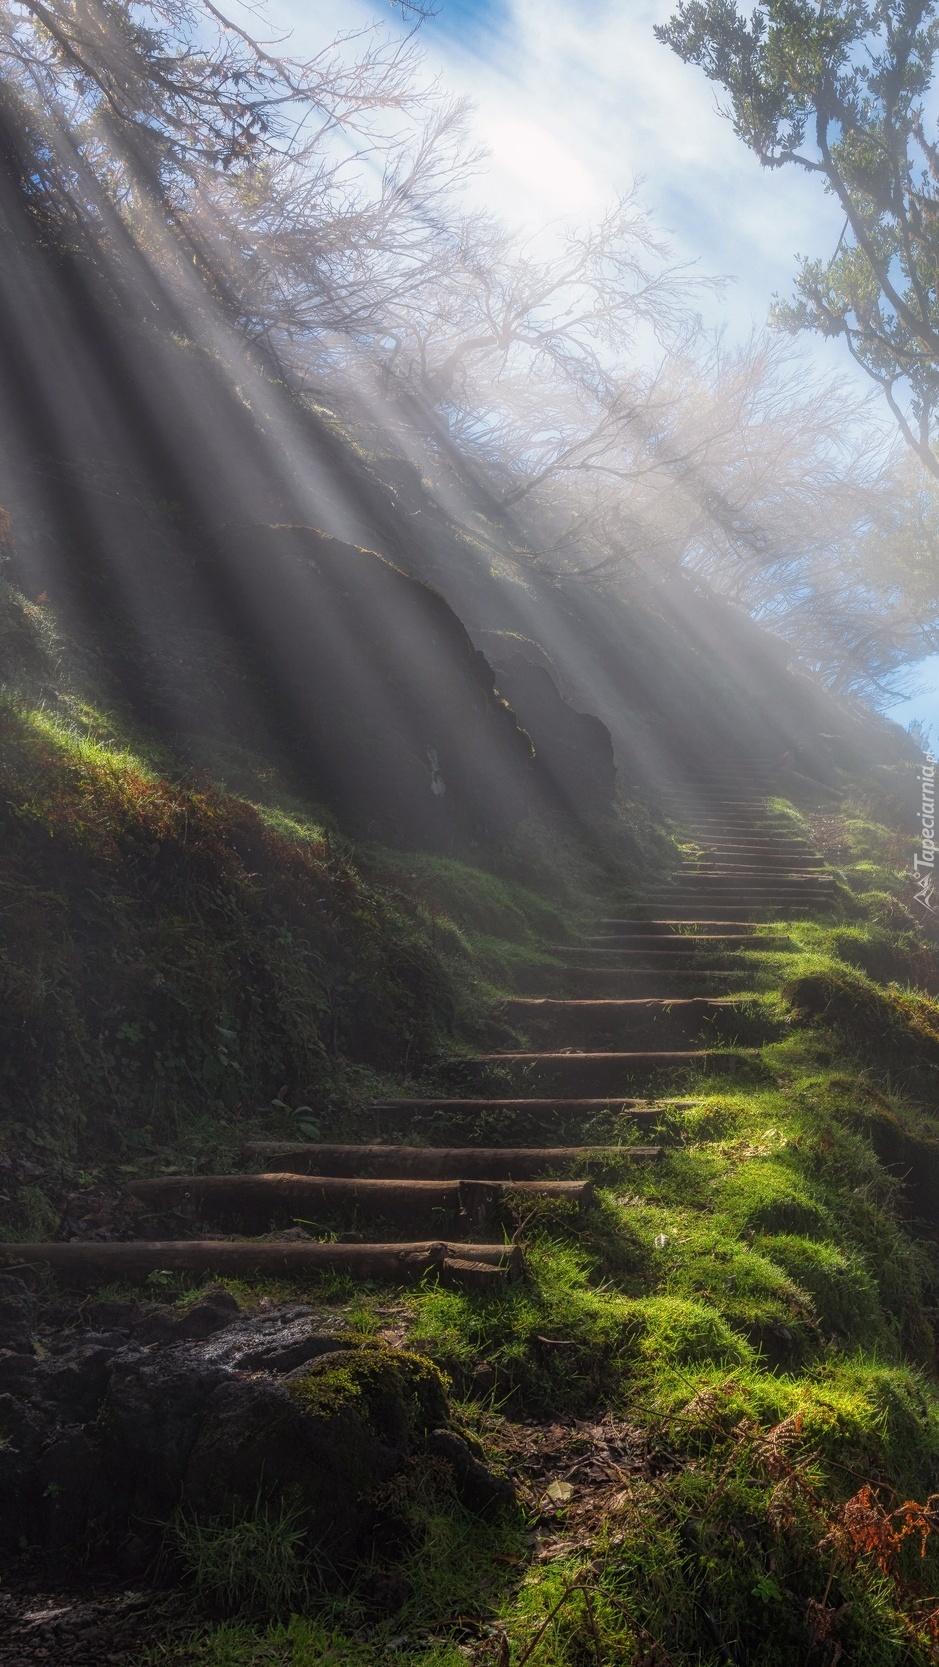 Leśne schody w mglisty poranek